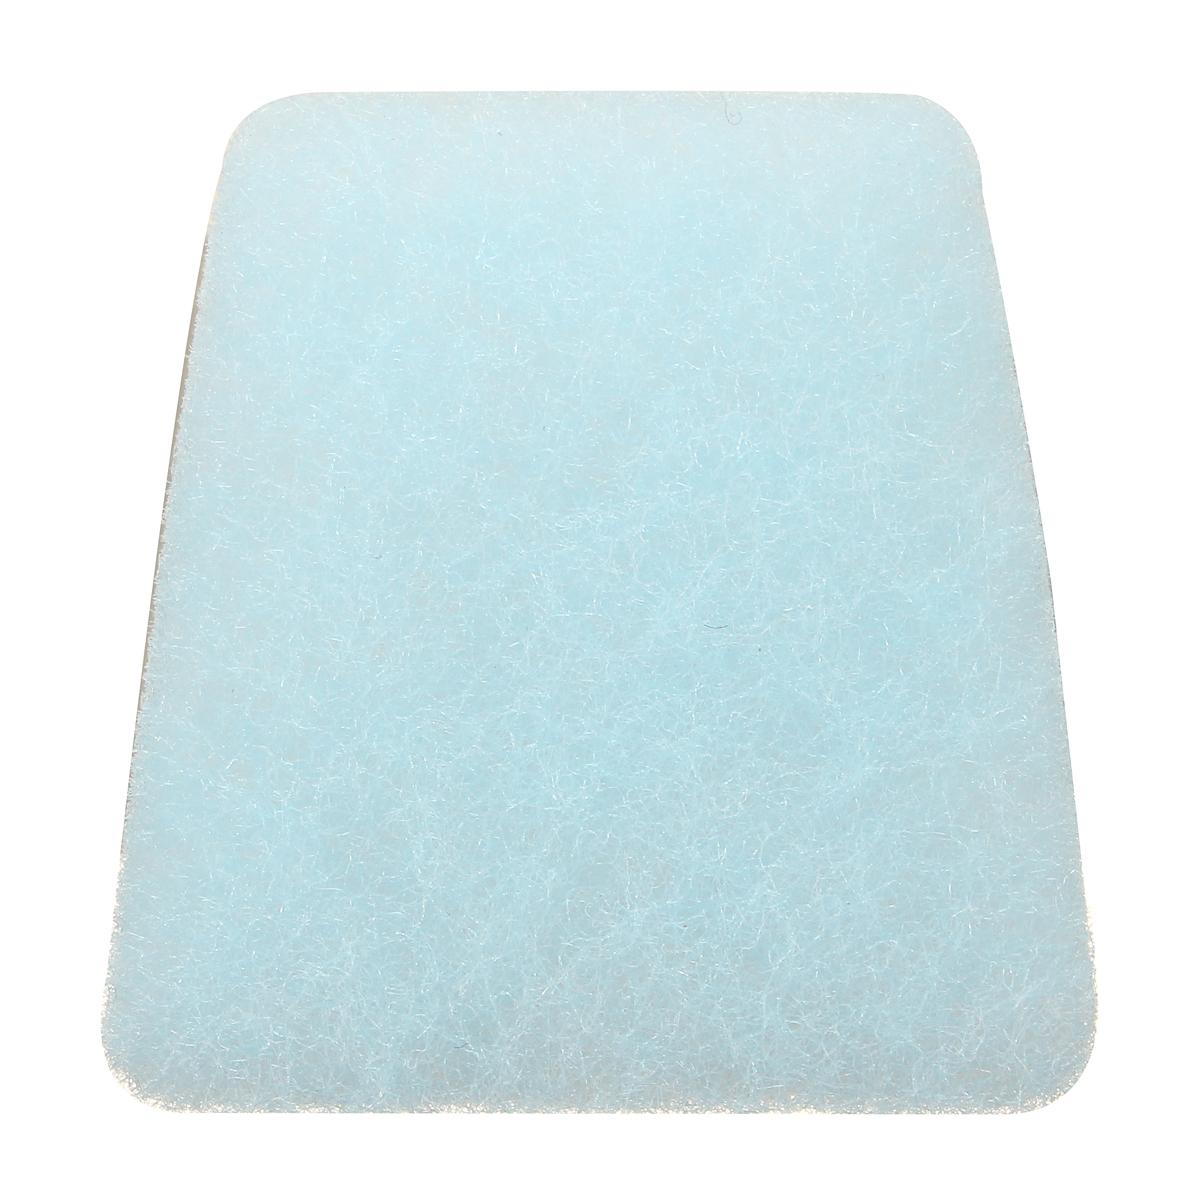 1 PC Hypoallergenic Filter Sponge Foam for ResMed S7 S8